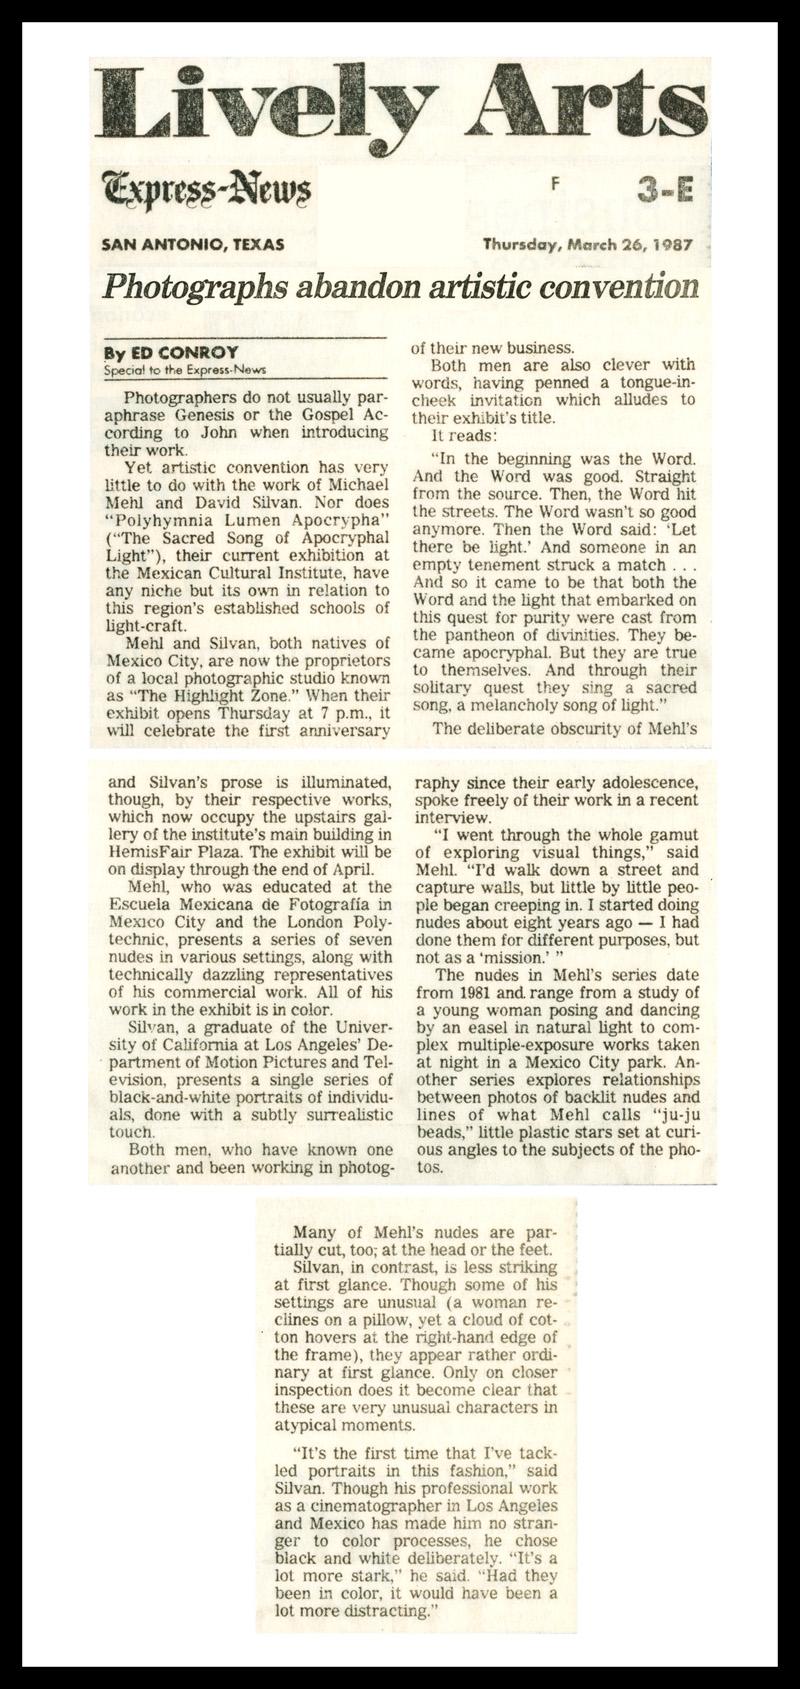 1987_San-Antonio-Express_News_Michael-Mehl_Polyhymnia-Lumen-Apochrypha-Exhibit